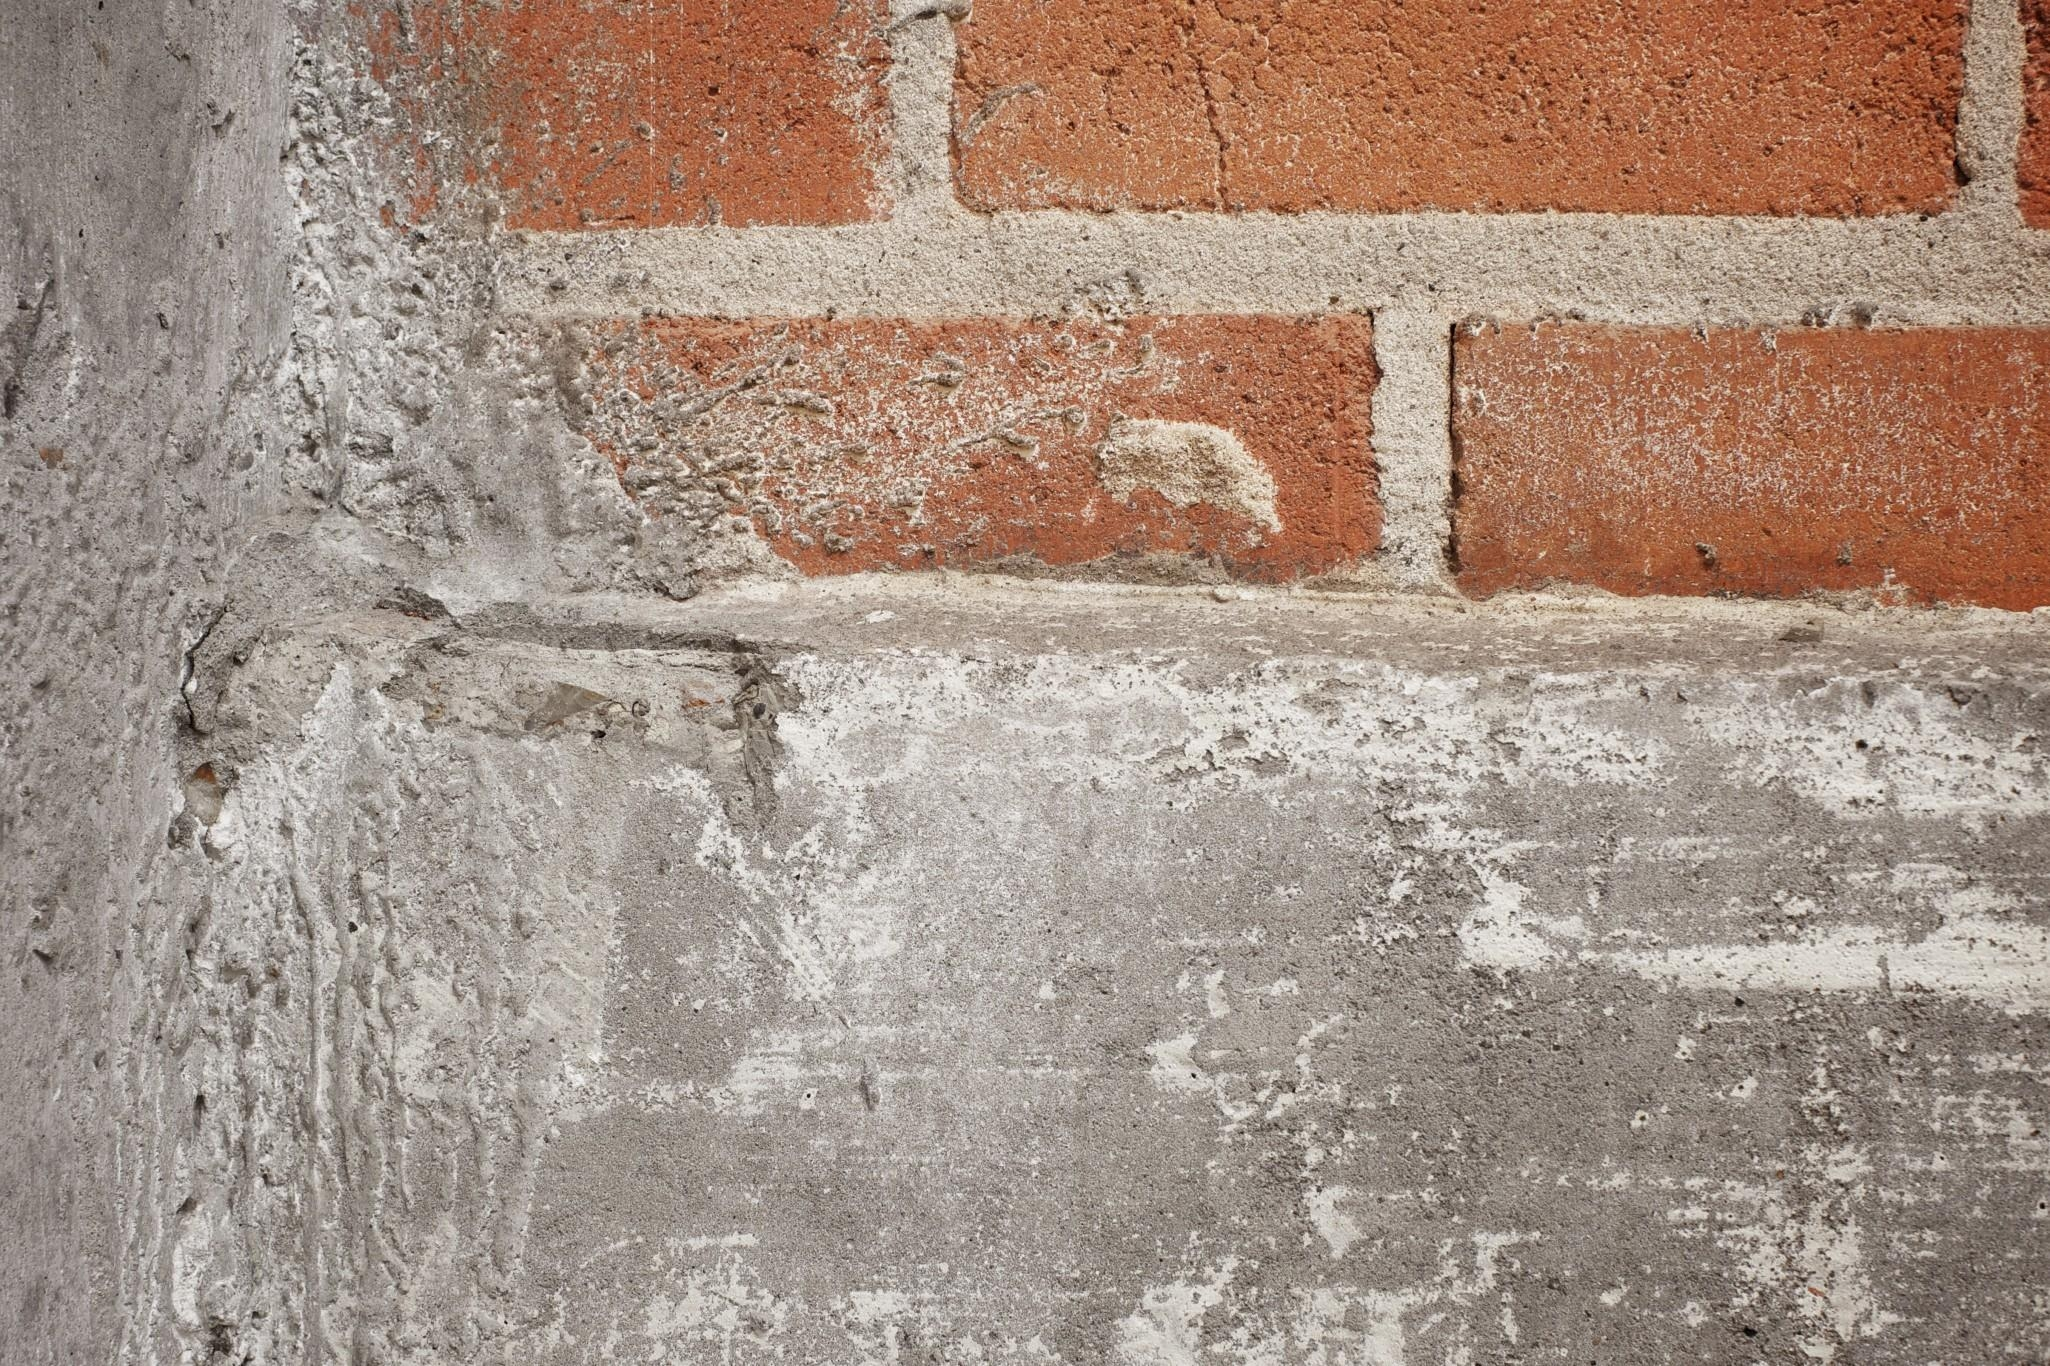 Come pulire il pavimento dal cemento soluzioni di casa - Pulire fughe piastrelle da olio ...